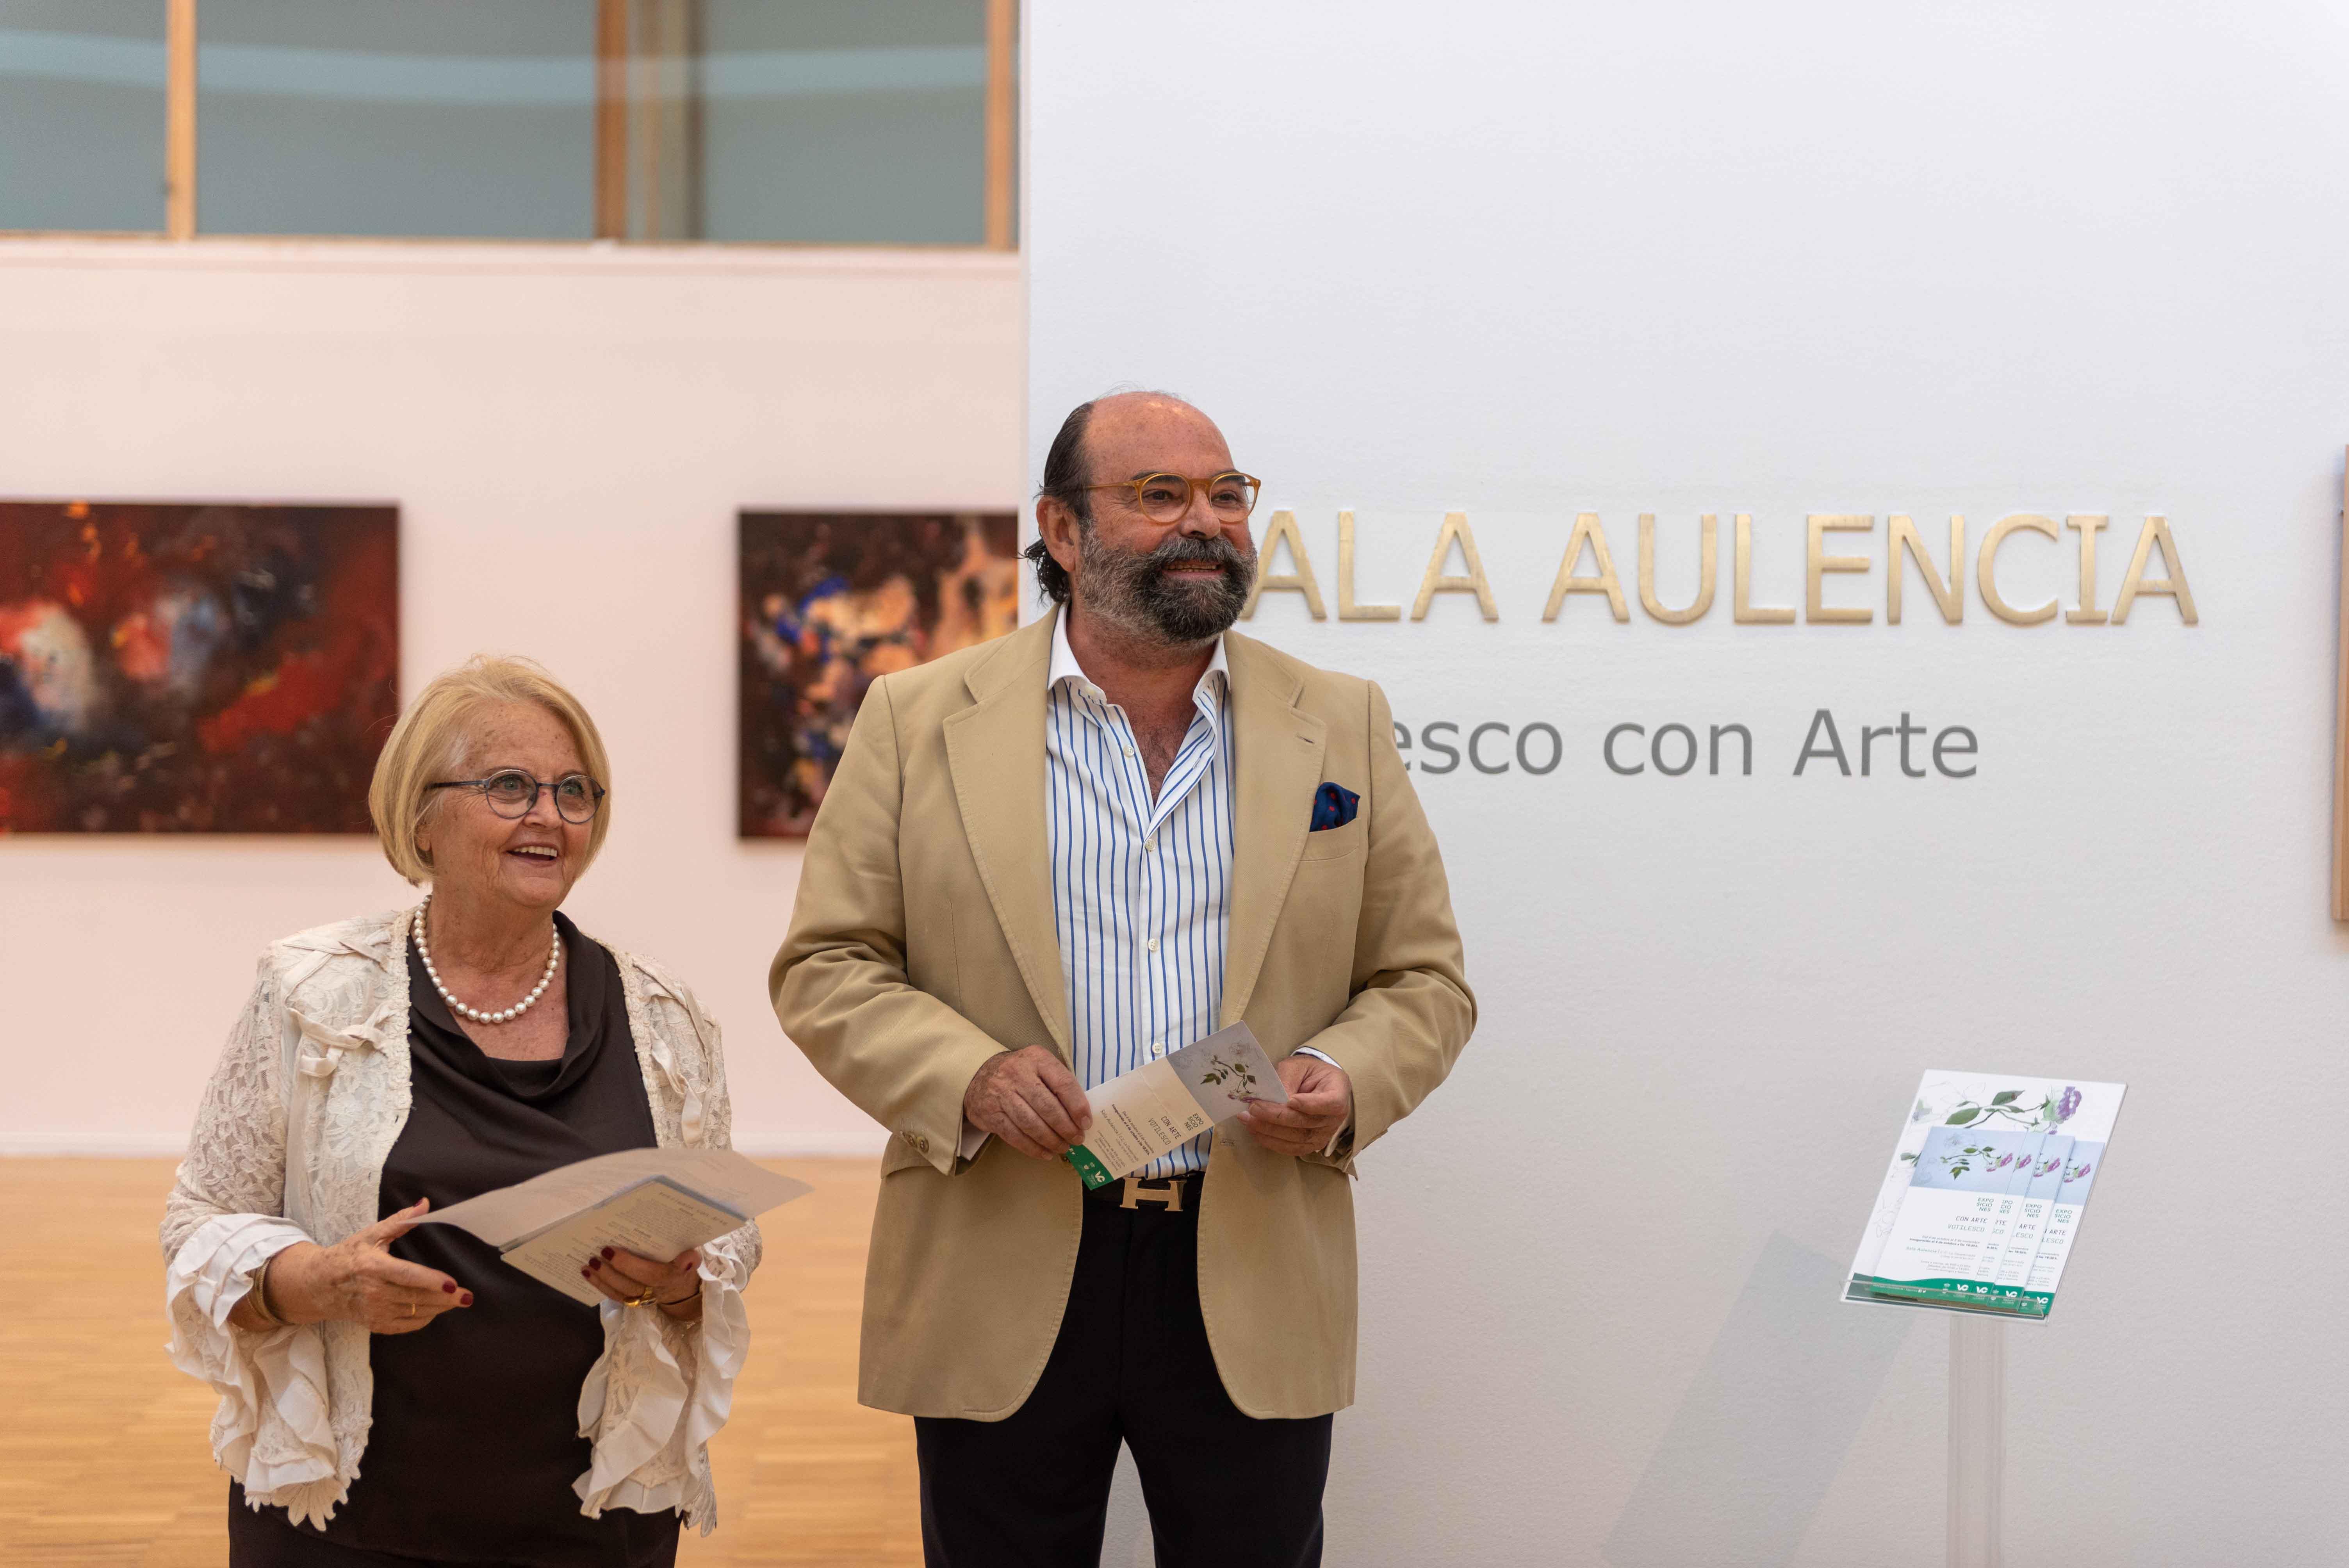 El concejal de cultura, Fernando Agudo, inauguró la exposición